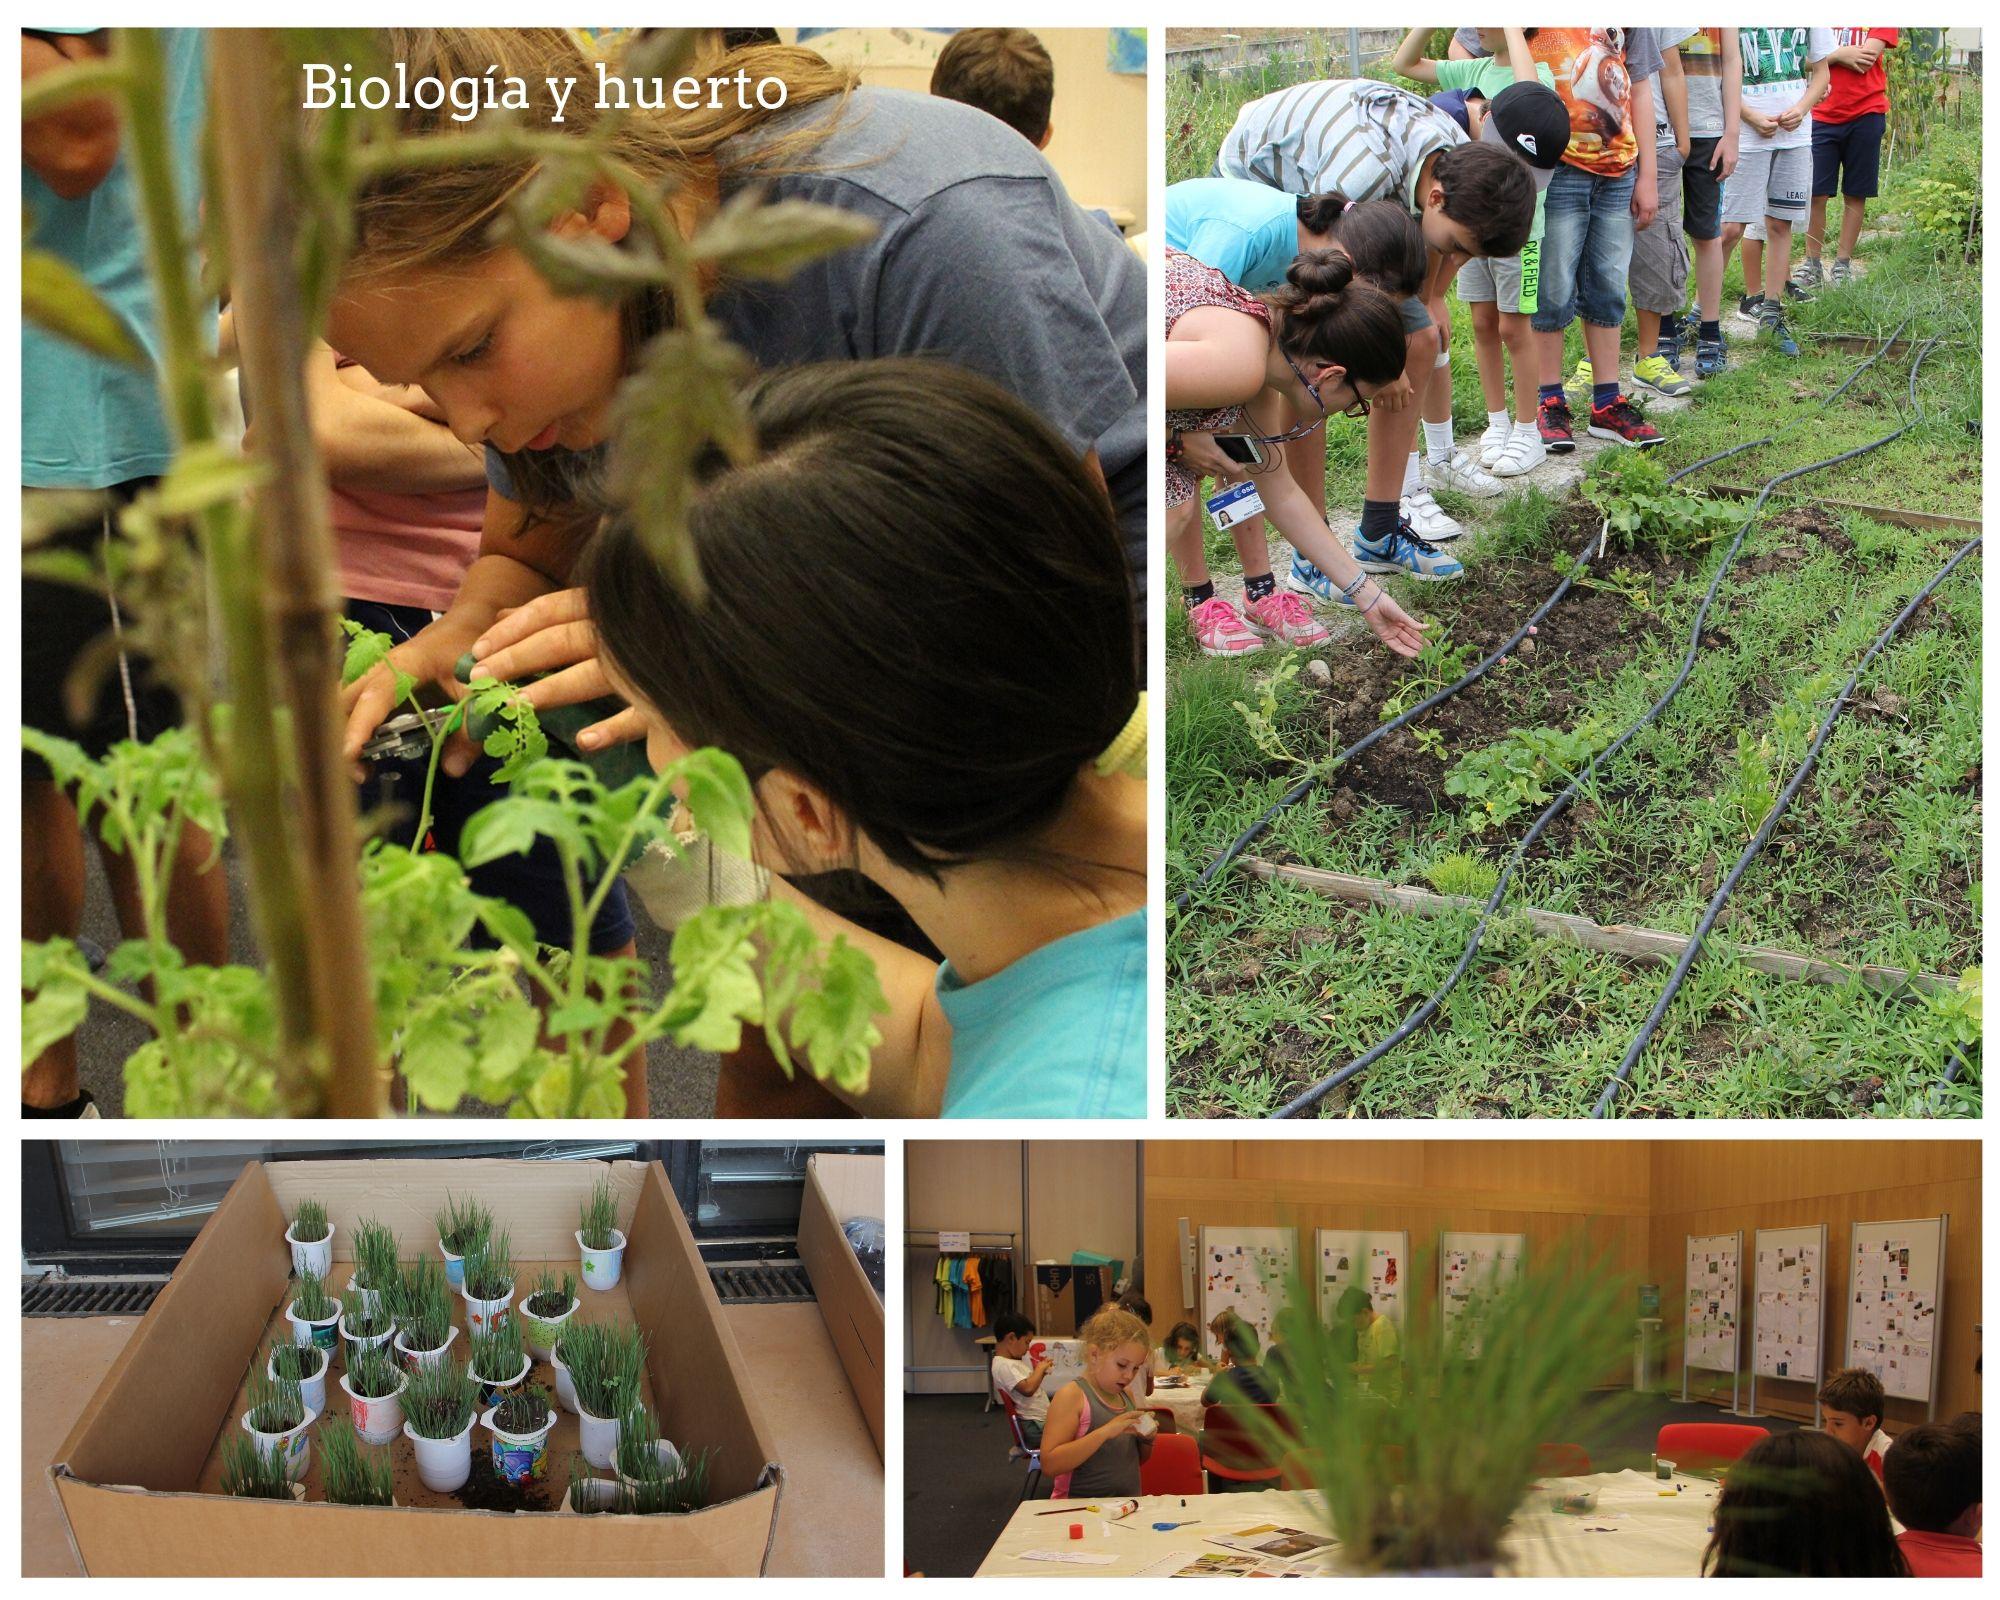 Biología y plantas